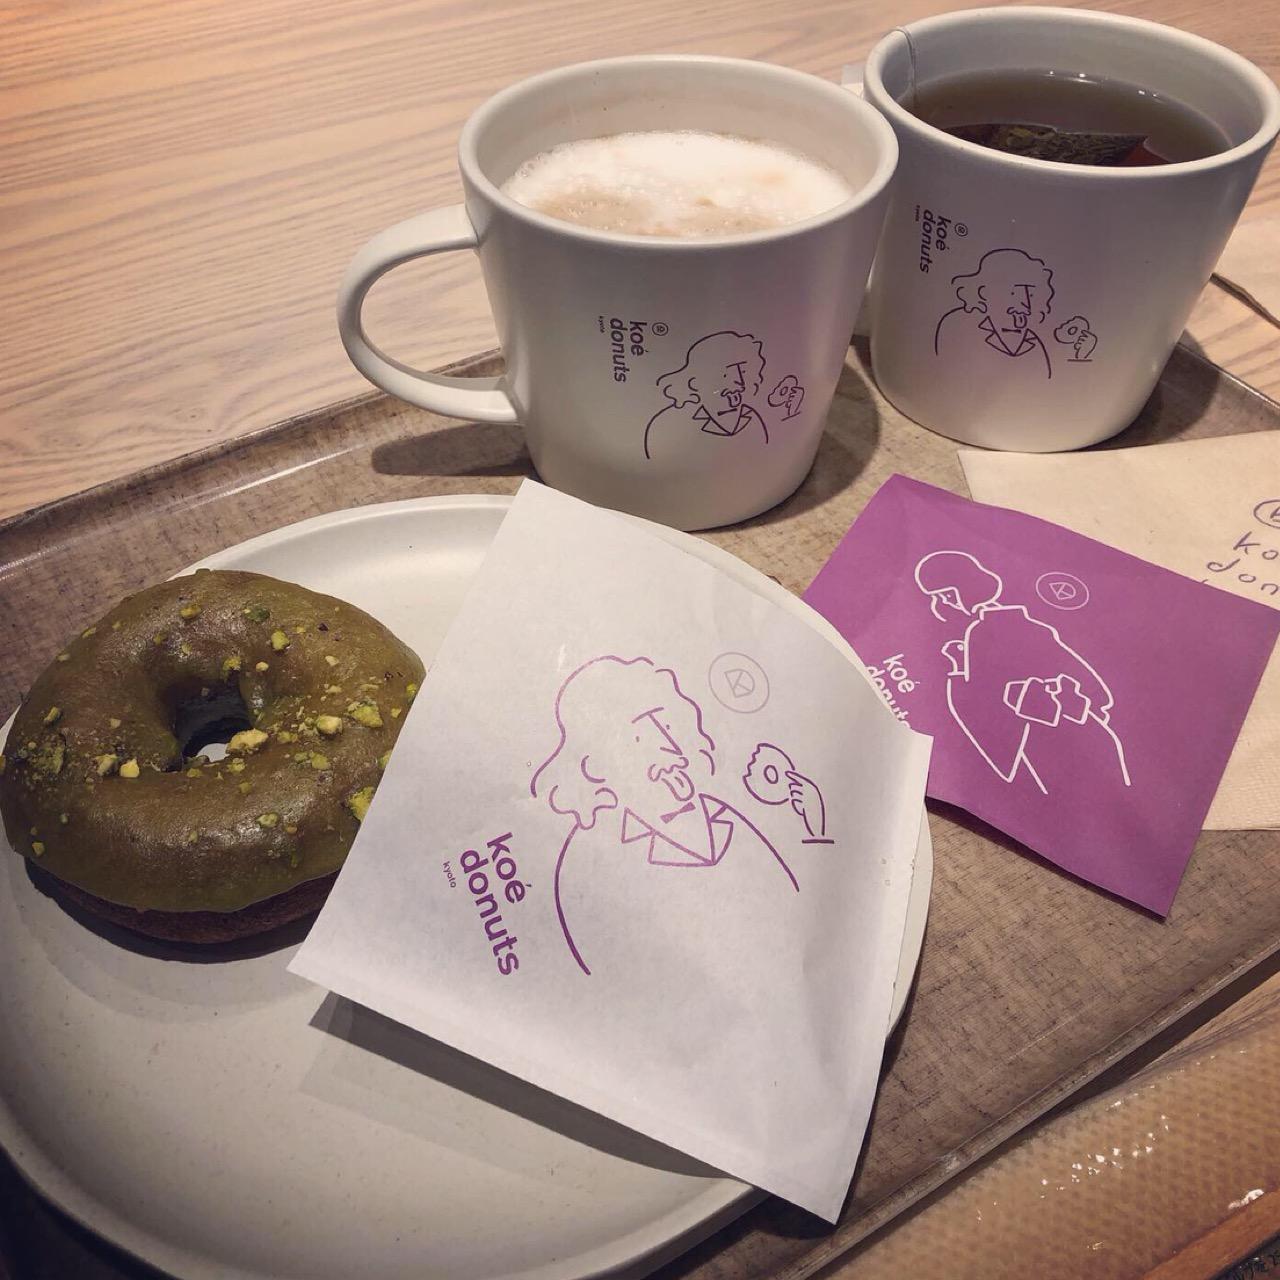 <京都*女子旅にオススメ>koé donuts kyotoのエシカルなドーナツがフォトジェニックでおいしすぎる!♡_7